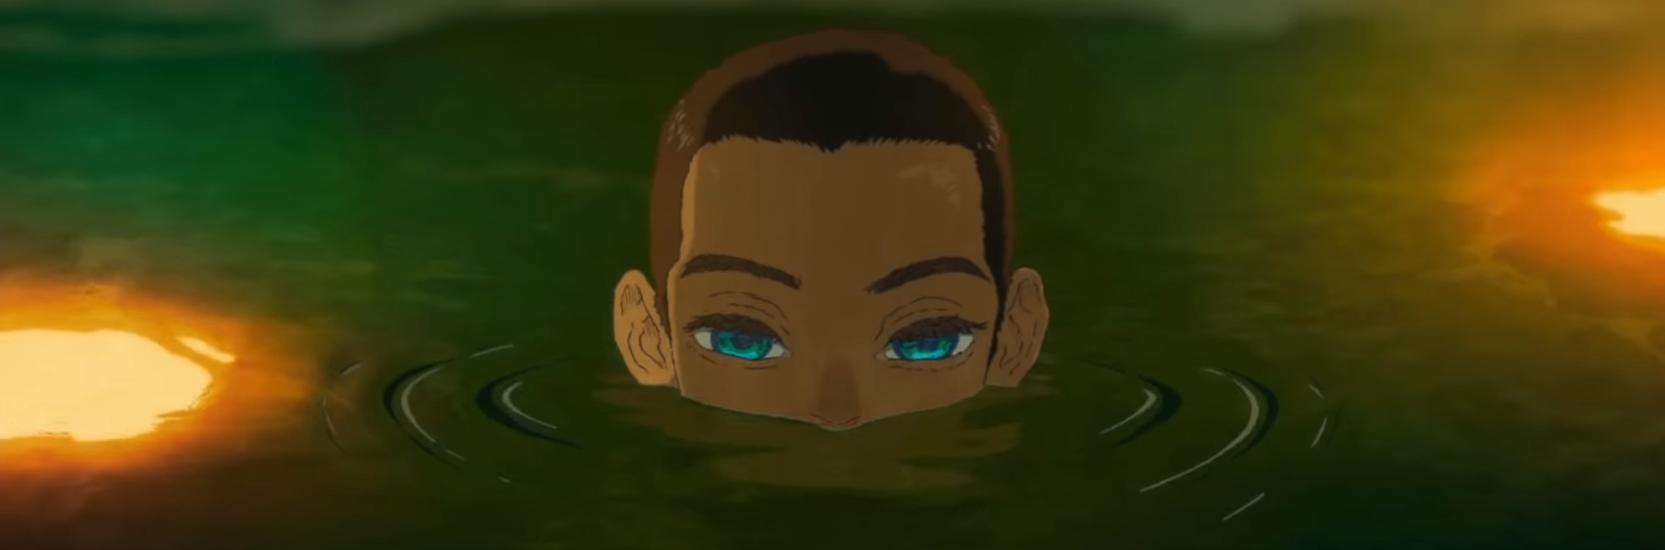 """De nouvelles images pour """"Les enfants de la mer"""" !"""